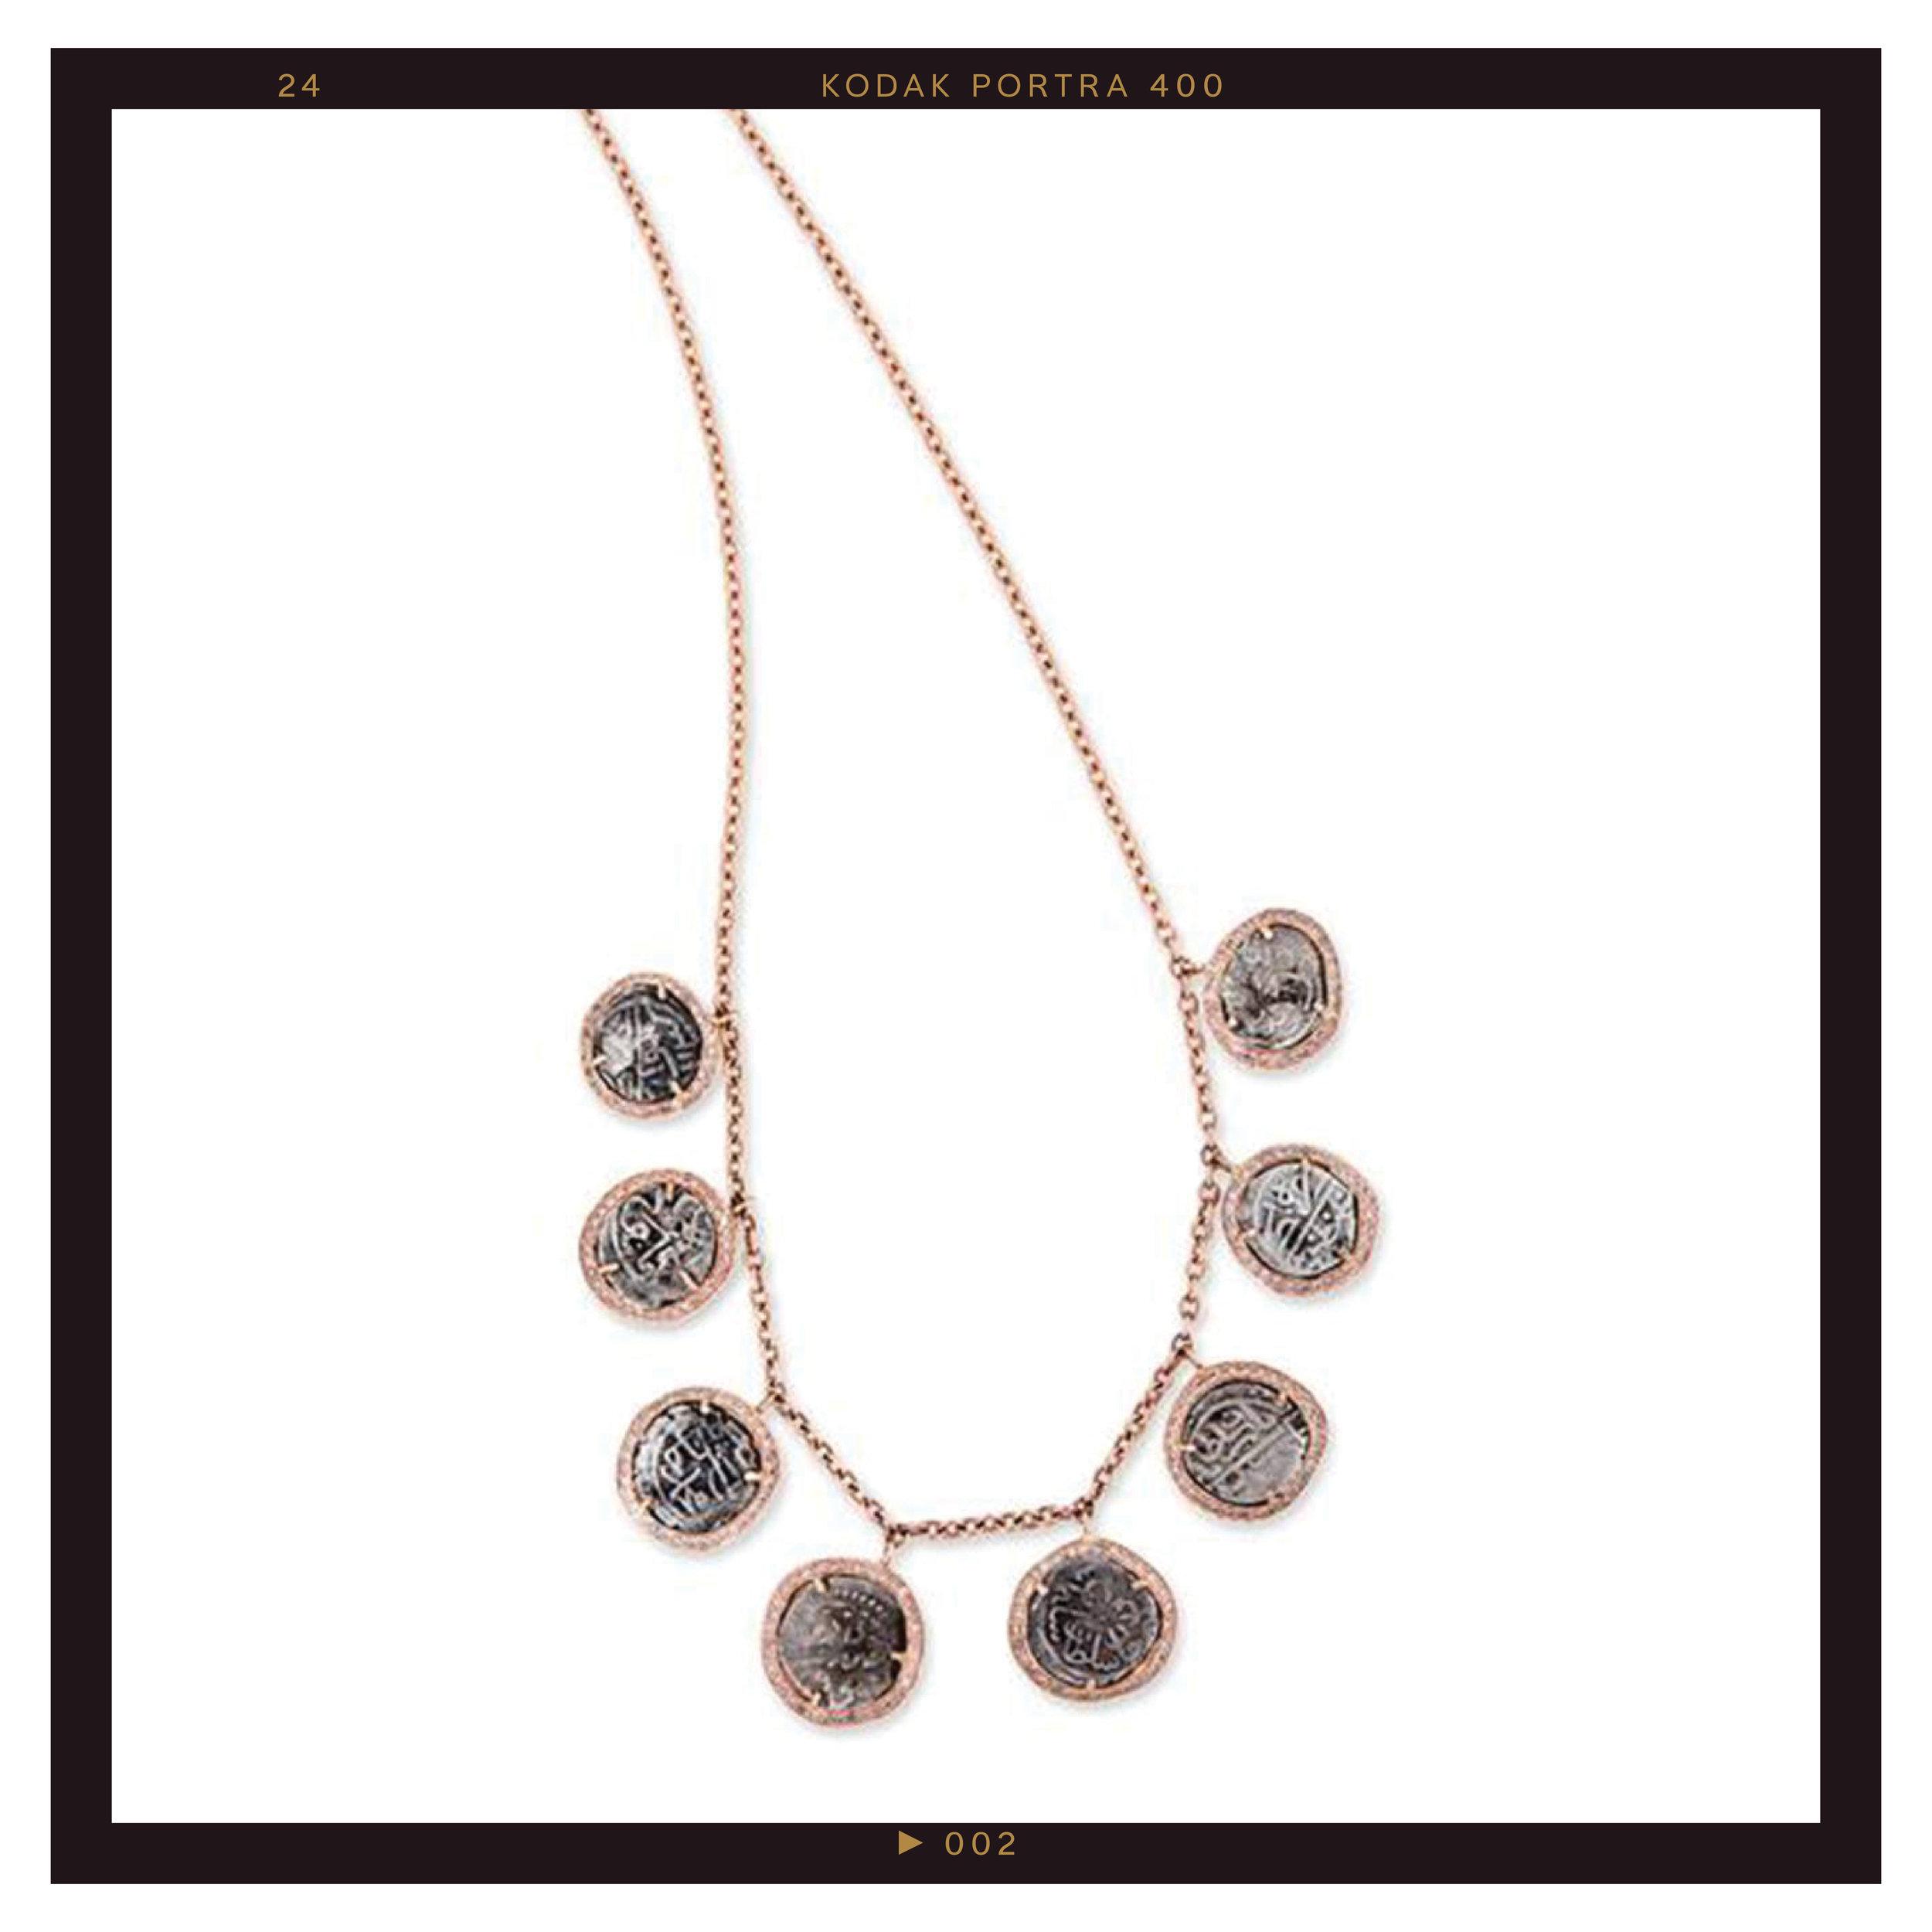 Jacquie Aiche Antique Coin Necklace ($16250)